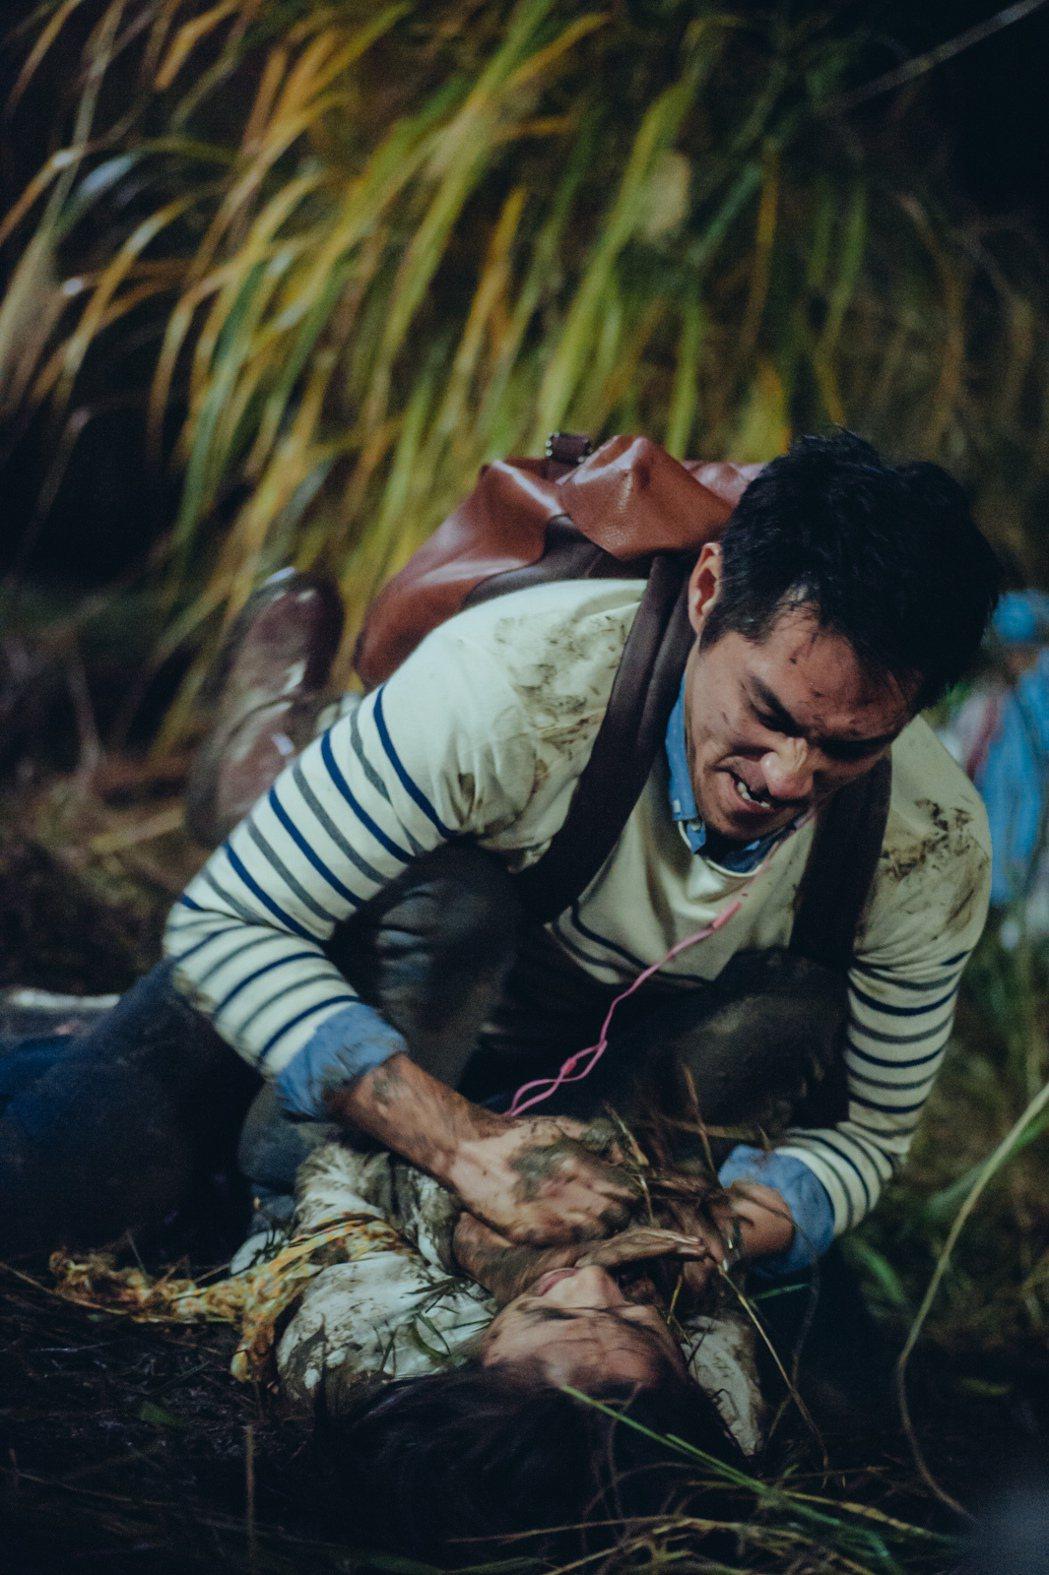 金鐘視帝藍正龍一改往日正派形象,在新片「神秘家族」中扮演強暴林依晨的恐怖冷血惡魔...